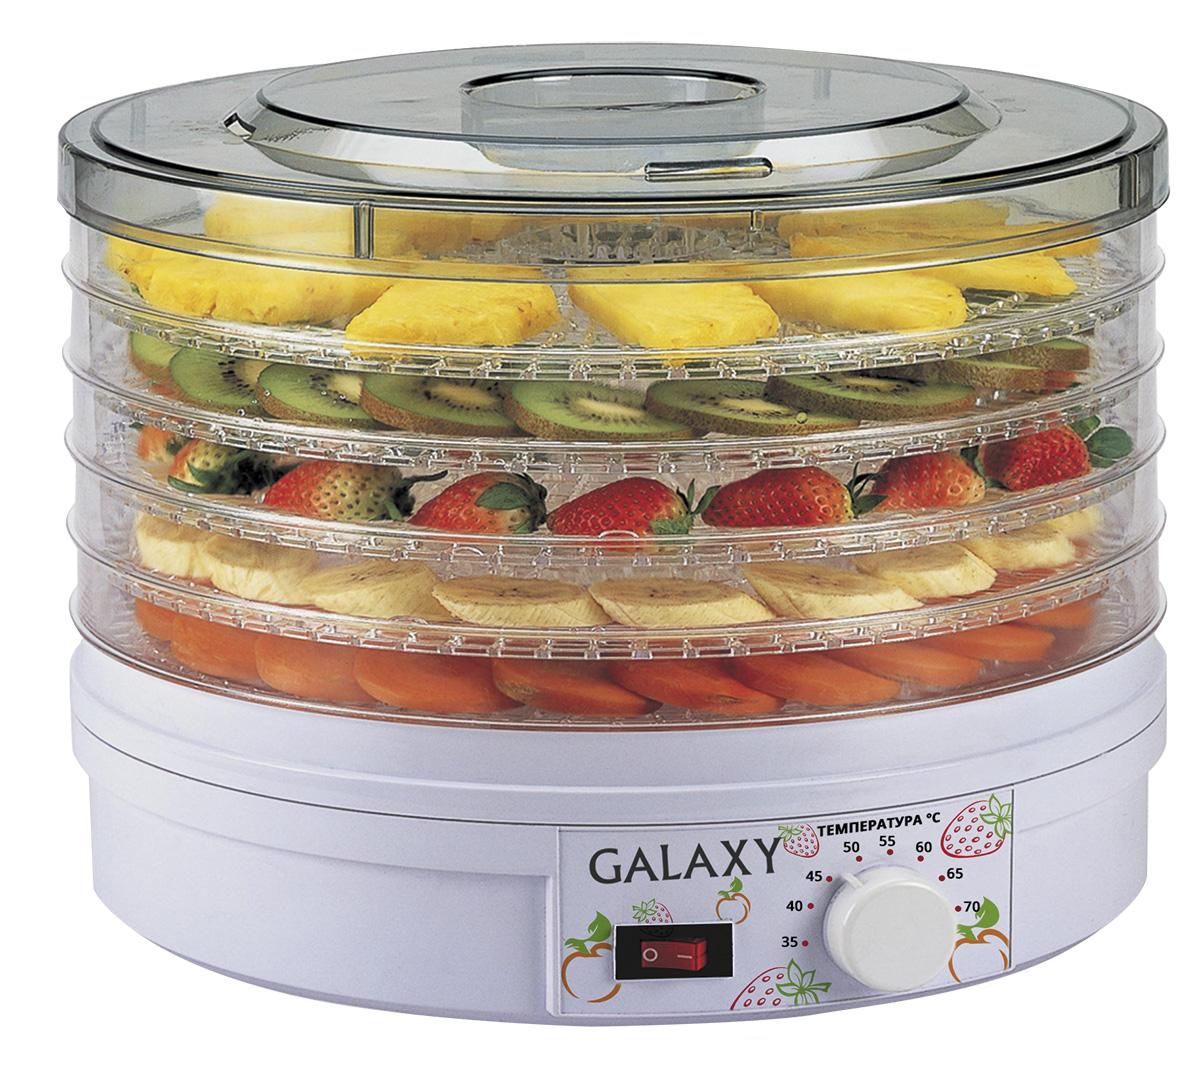 Galaxy GL2633 сушилка для овощей и фруктов4650067301563Сушка овощей и фруктов - это самый эффективный способ сохранить в них все важные для здоровья микроэлементы и витамины. С электросушилкой для продуктов Galaxy GL2633 процесс стал гораздо проще и эффективнее! Благодаря идеальному соотношению нужной температуры и скорости обдува продукты просушиваются равномерно и невероятно быстро! Во время сушки продуктов на открытом воздухе существует вероятность образования плесени и бактерий, ведь для качественной сушки очень важна неизменная температура окружающей среды. Кроме того, для сохранения полезных веществ, продукты должны просушиваться максимально быстро, чего бывает сложно добиться при сушке, к примеру, мяса или рыбы. С электросушилкой Galaxy GL2633 вы навсегда забудете об этих проблемах!